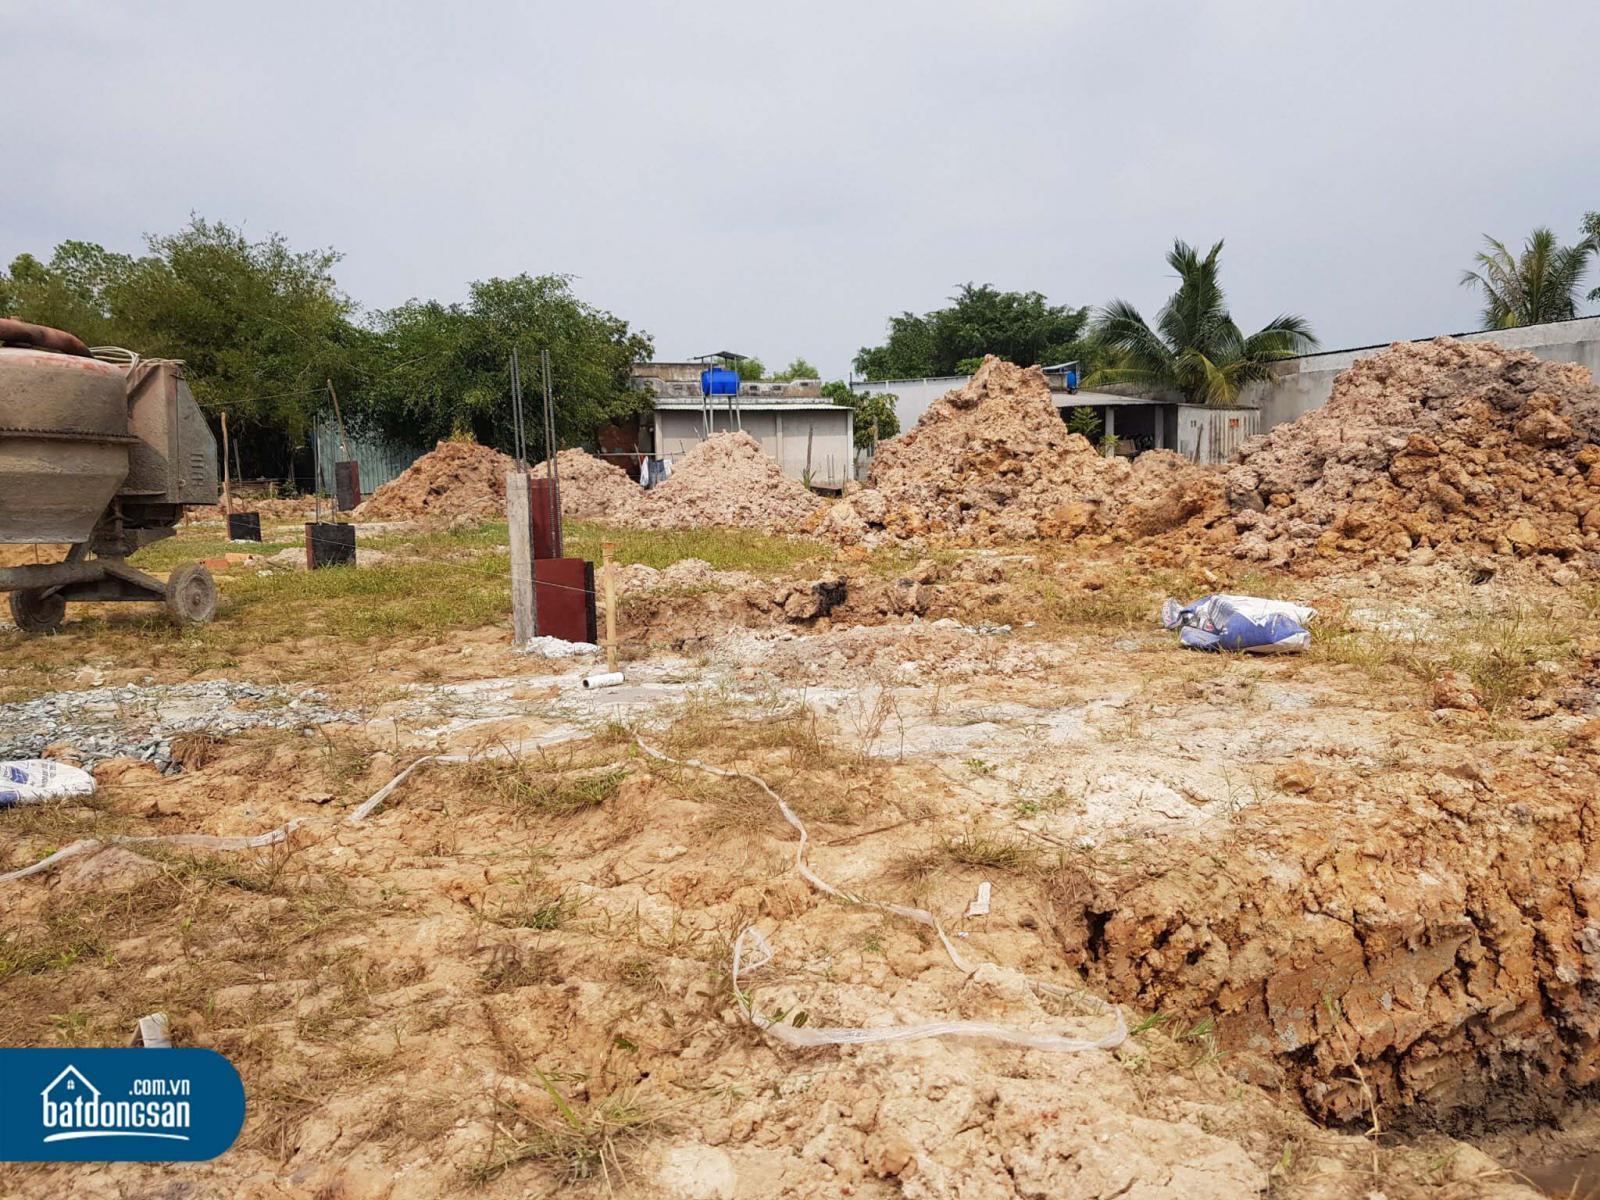 Bãi đất trống trong một dự án đất nền đang được thi công hạ tầng.